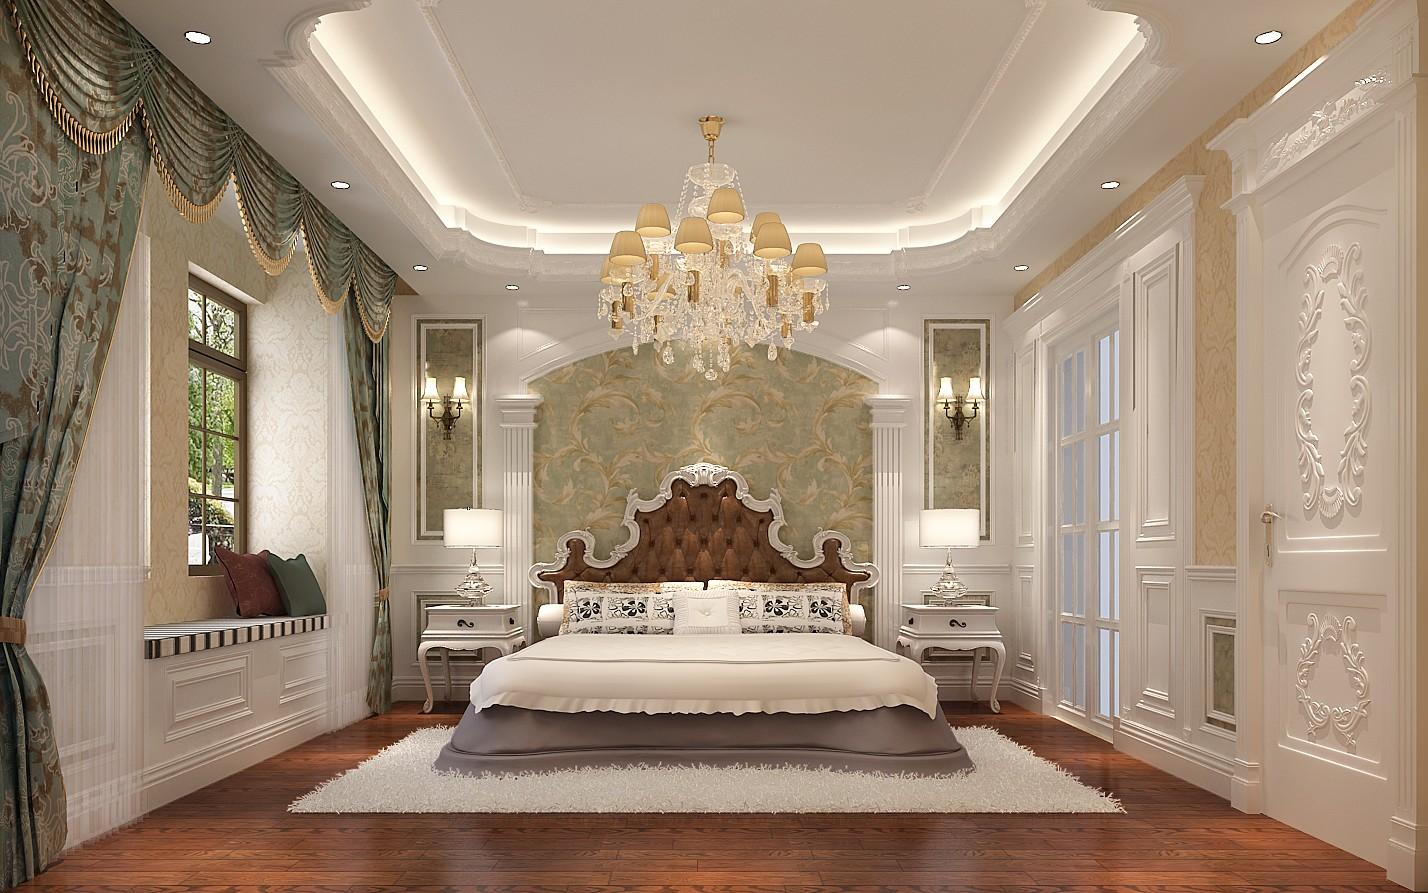 别墅装修 别墅设计 混搭风格 龙山艺墅图片来自北京高度国际在龙山艺墅350平米混搭风的分享